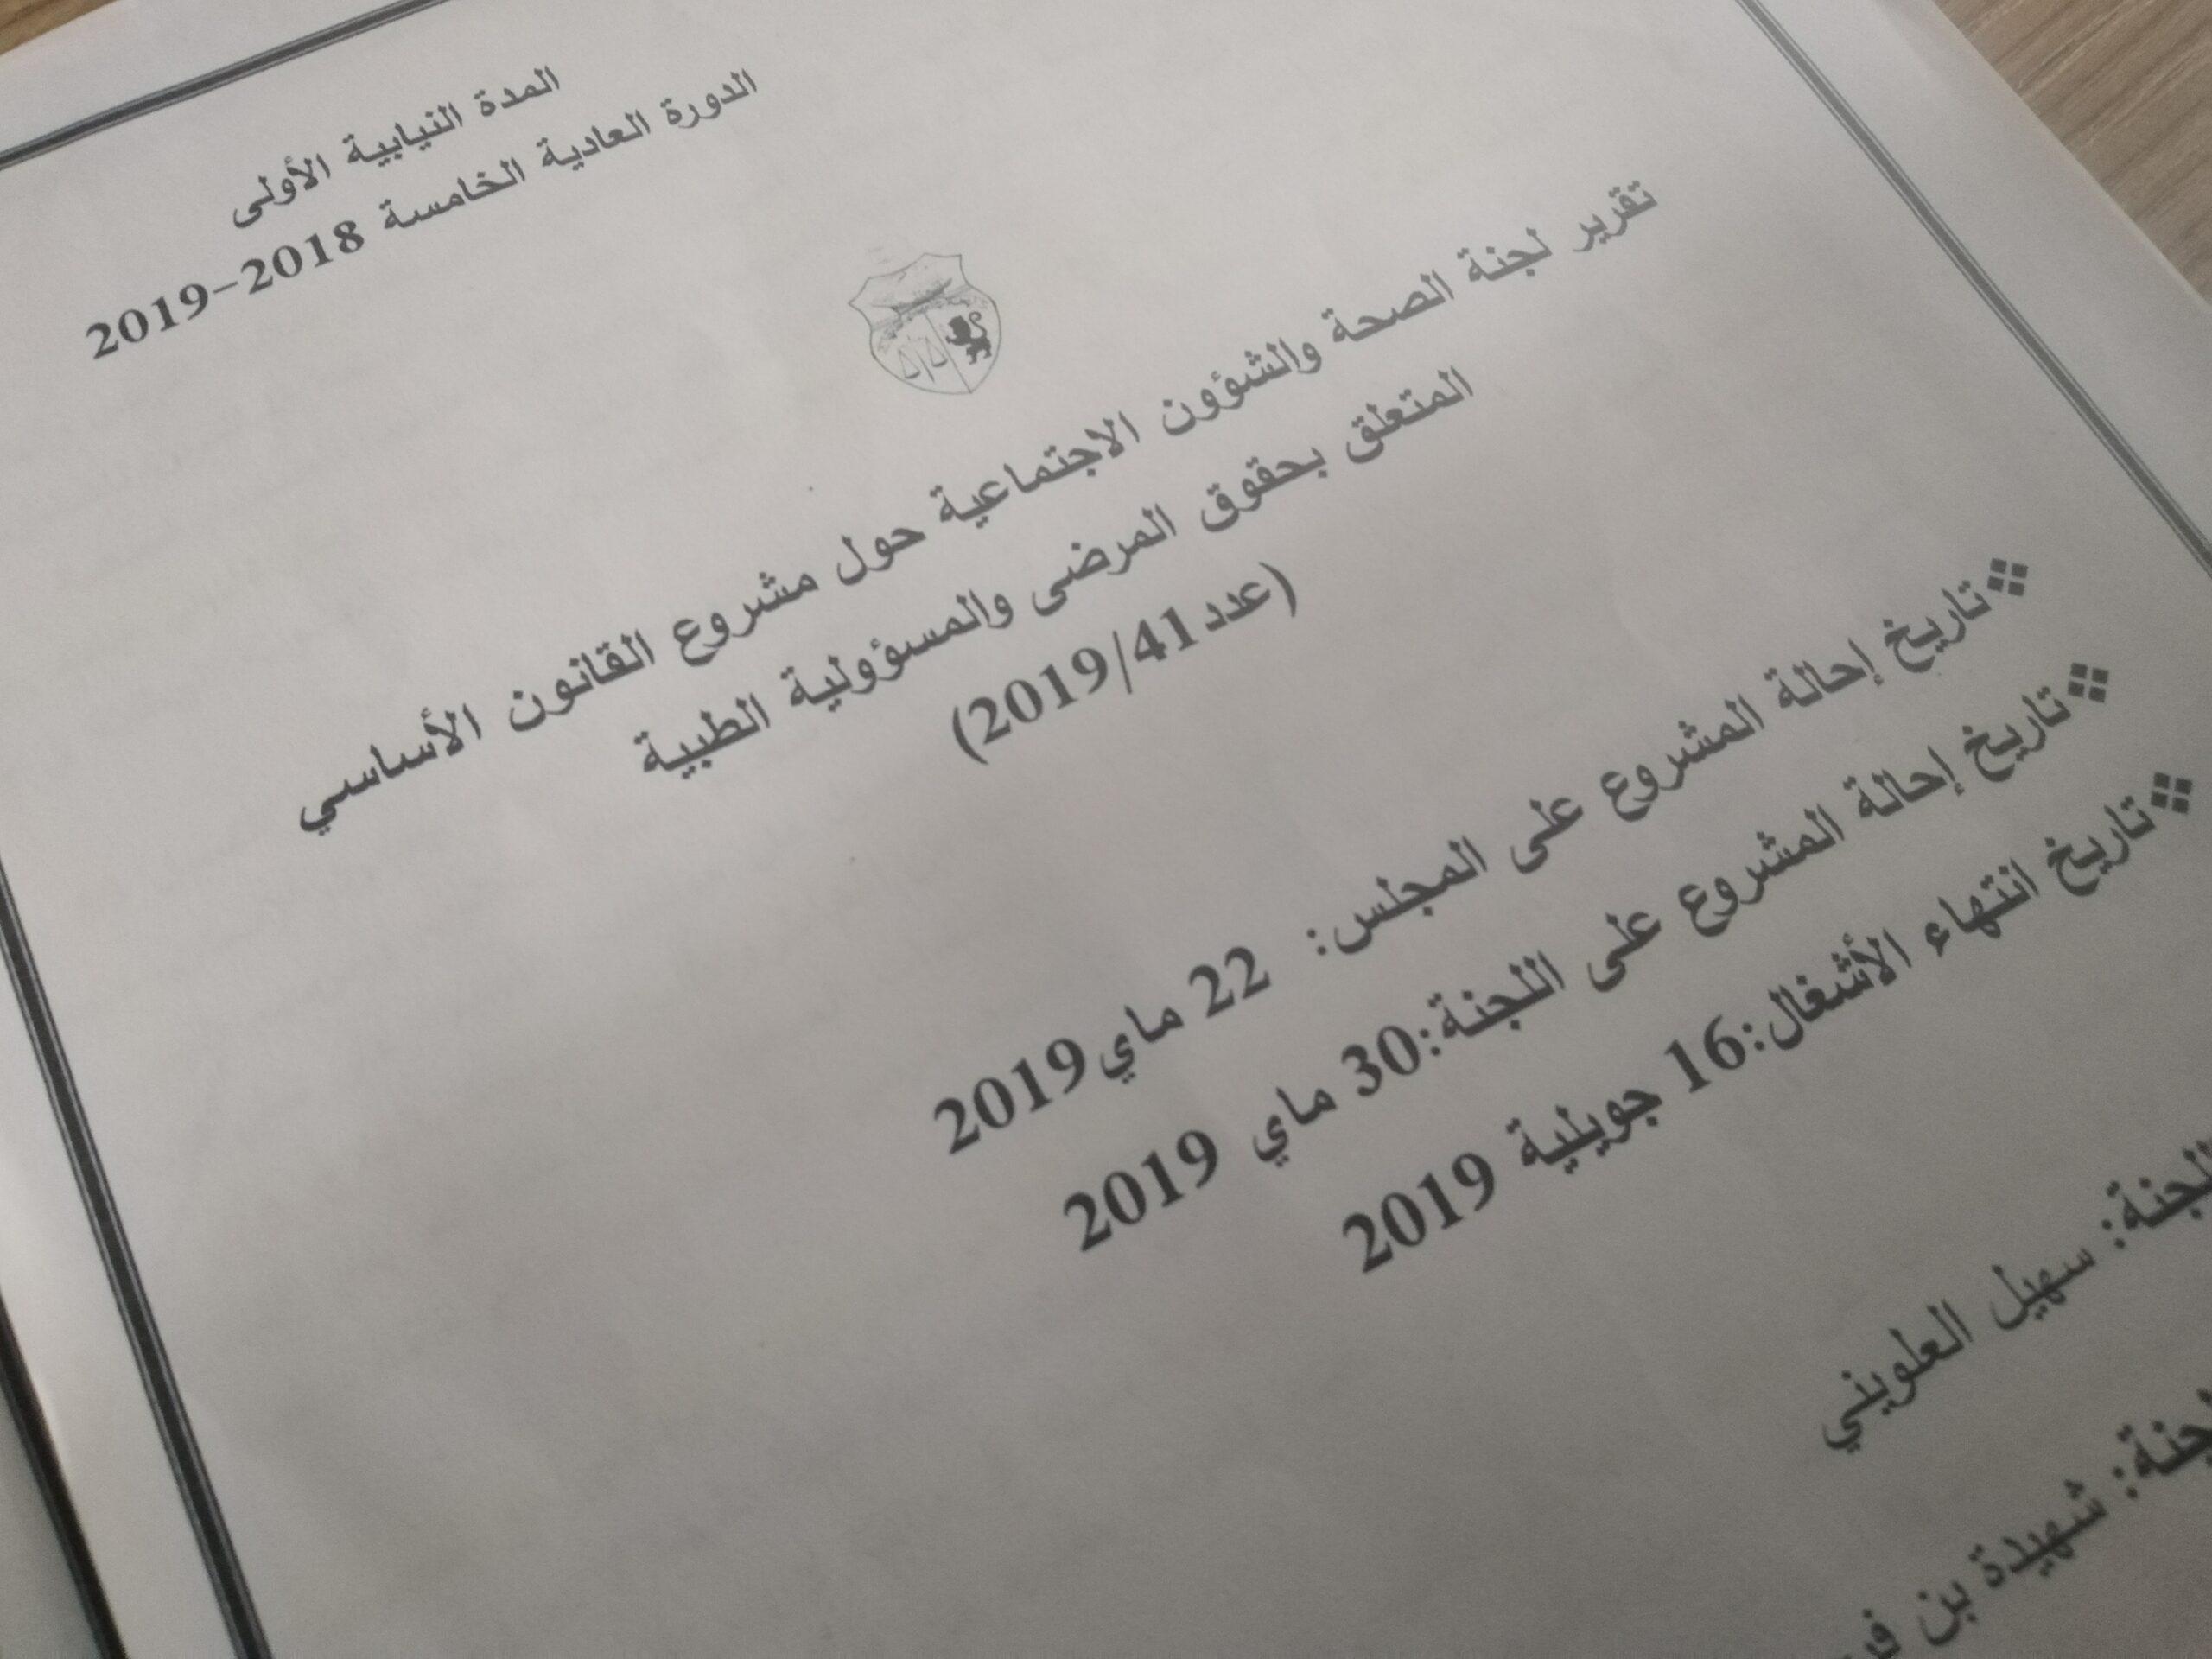 """""""حقوق المرضى"""" تحت رحمة اللوبيات القطاعية في تونس: إعادة مشروع قانون حقوق المرضى والمسؤولية الطبية للجنة الصحة"""